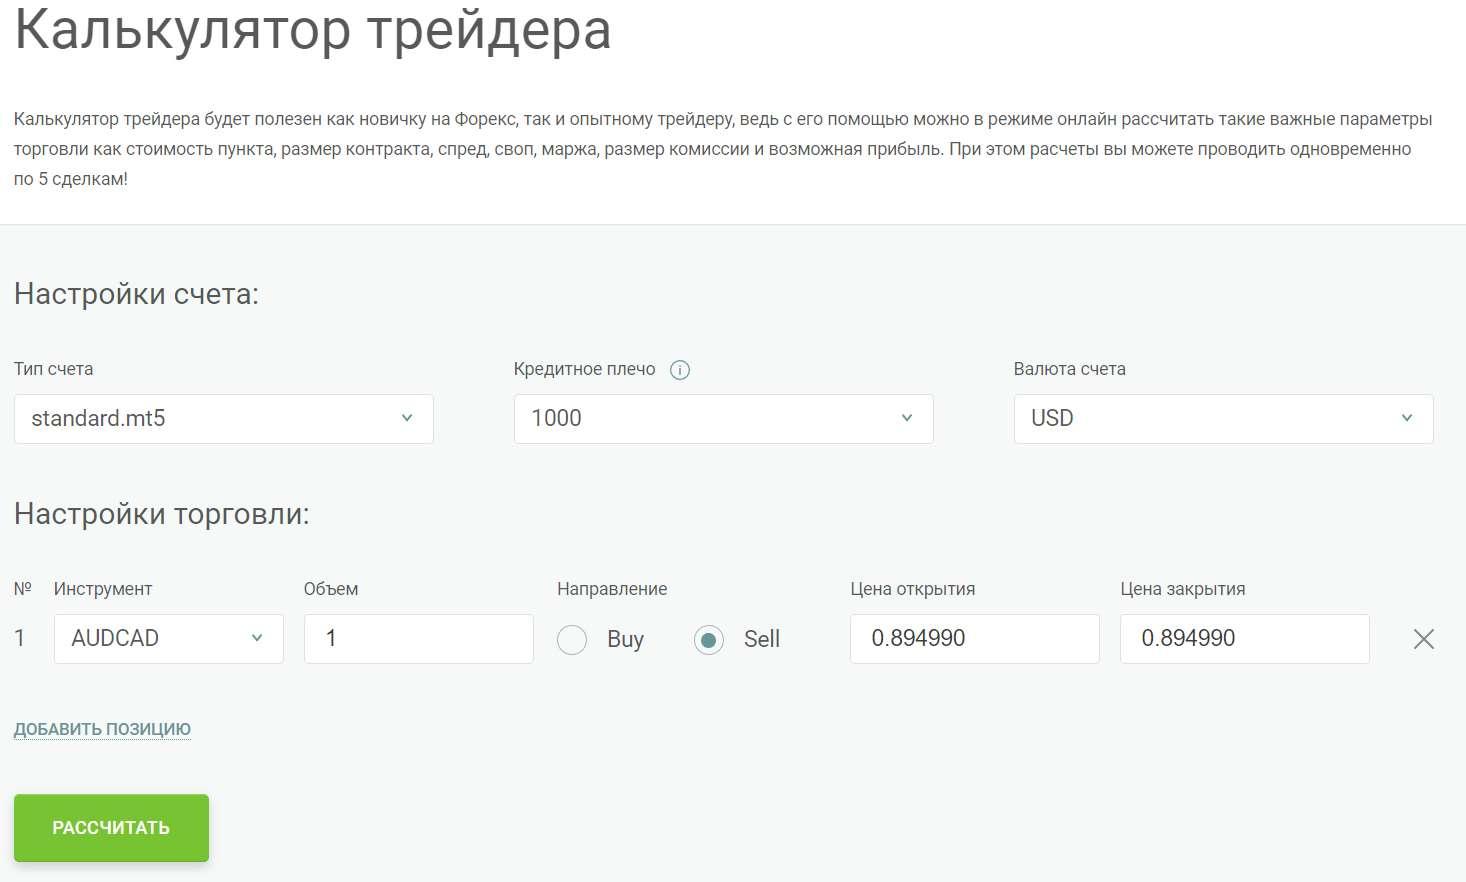 Программа-калькулятор Forex. Как посчитать прибыль или убытки в трейдинге.